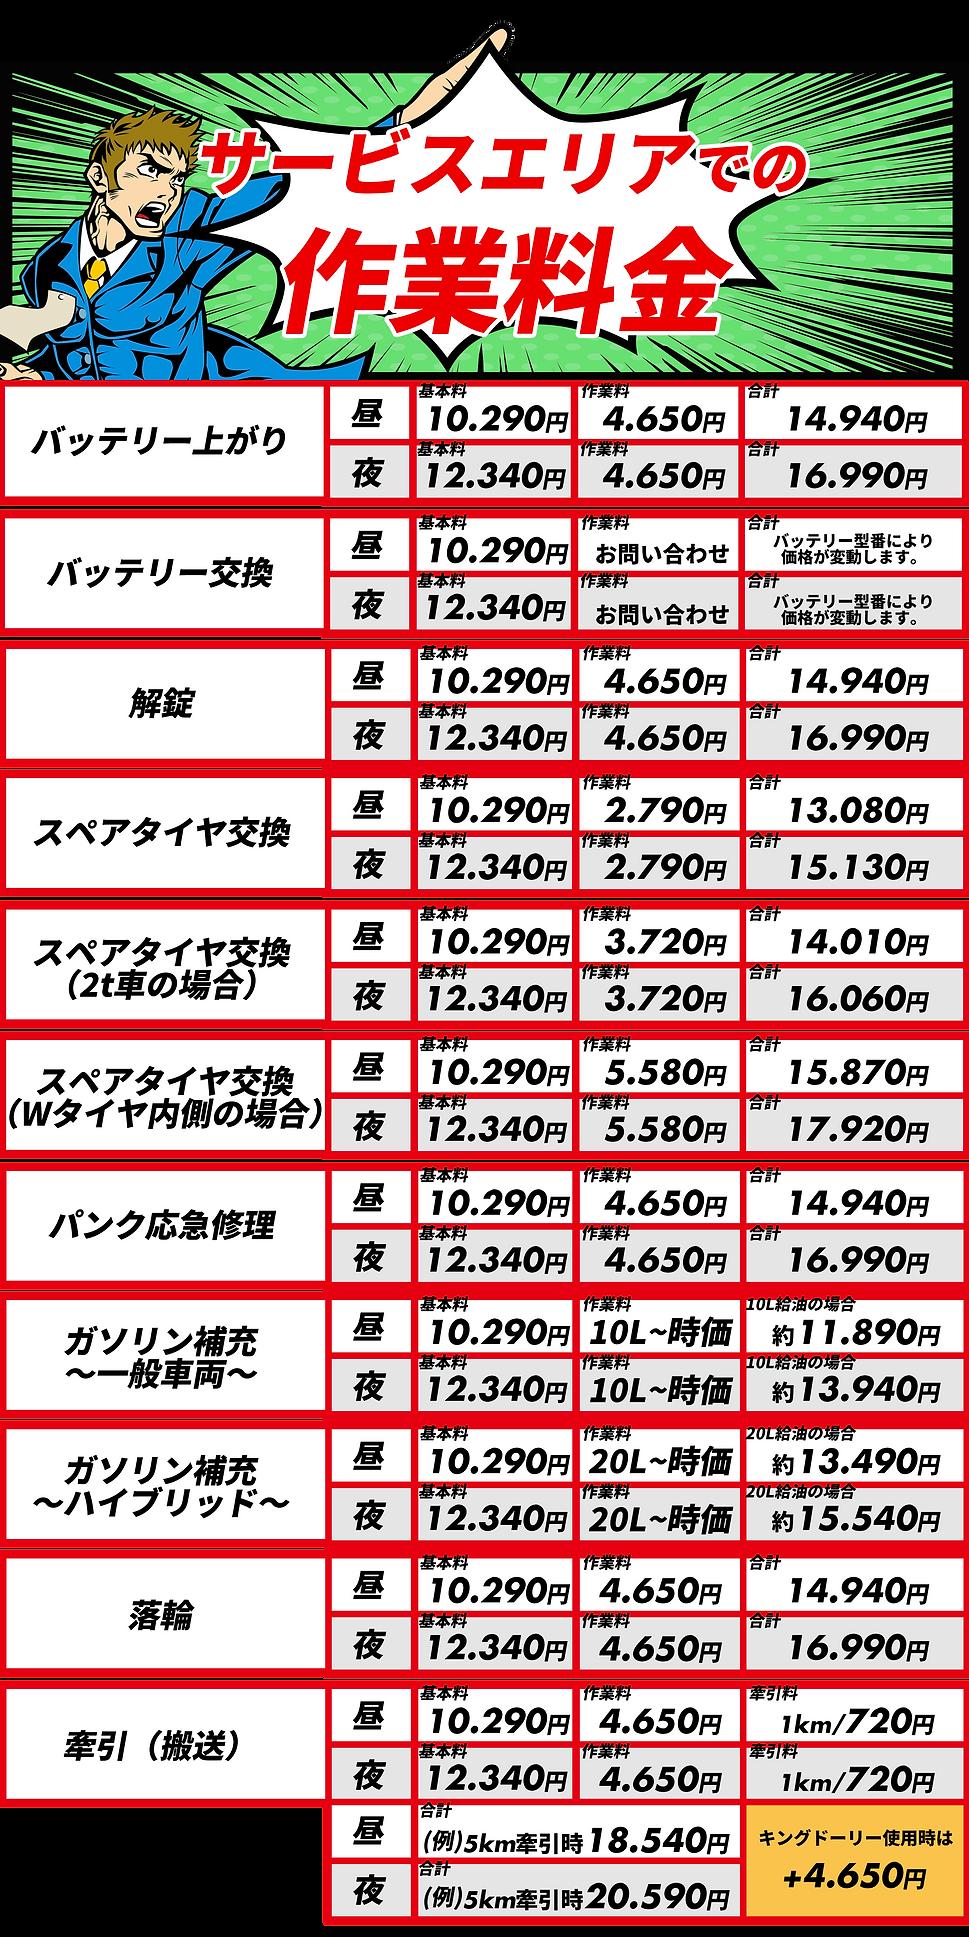 沖縄全域 レッカー&ロードサービス 料金表